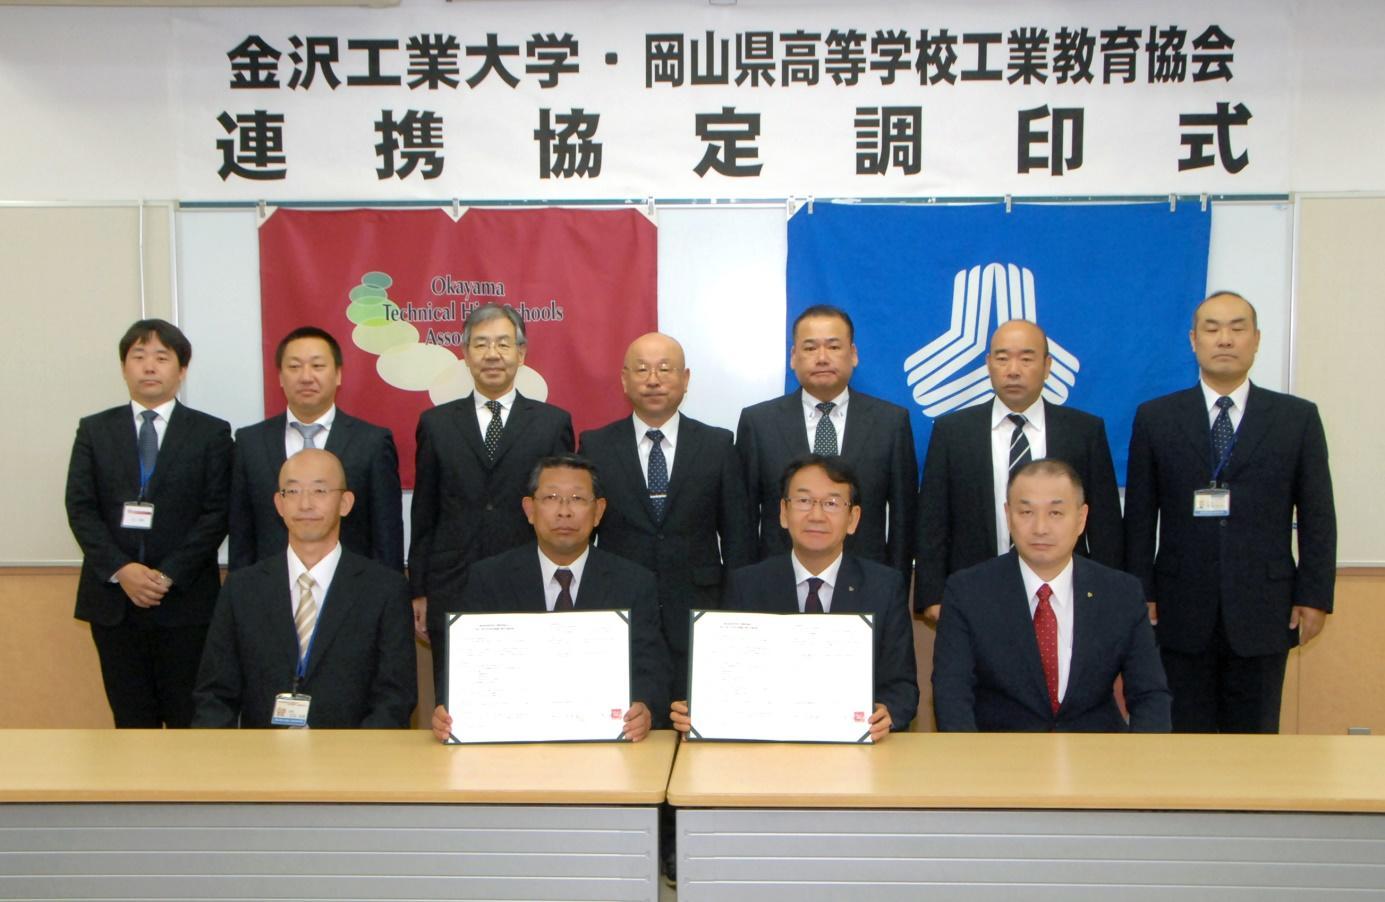 岡山県高等学校工業教育協会と金沢工業大学が高大接続に関する連携協定を締結。課題解決型学習に関する共同研究と教員研修、人材育成で協力